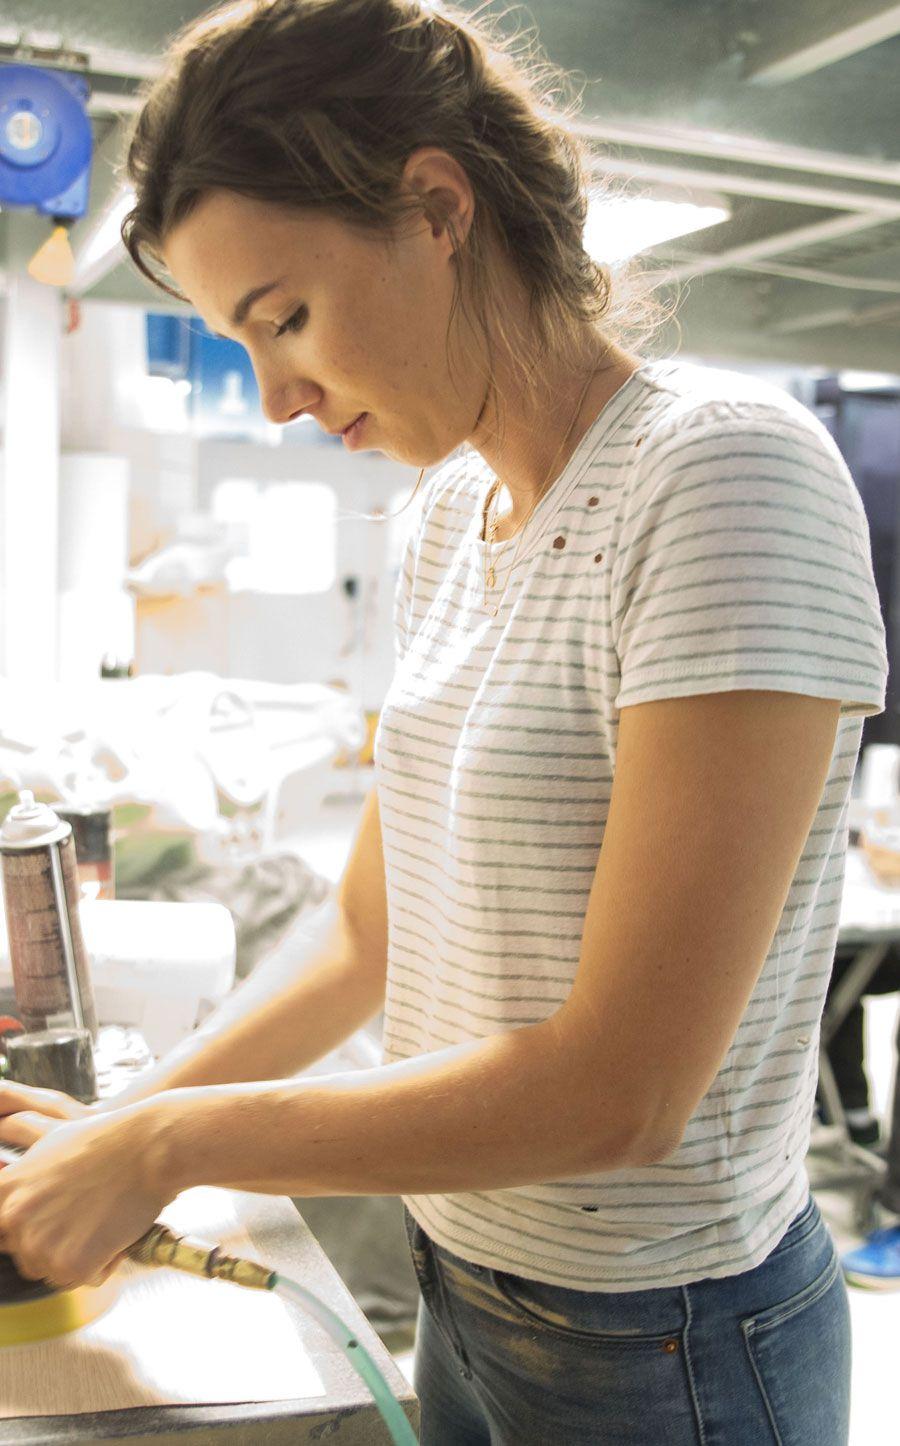 designworks studio women working